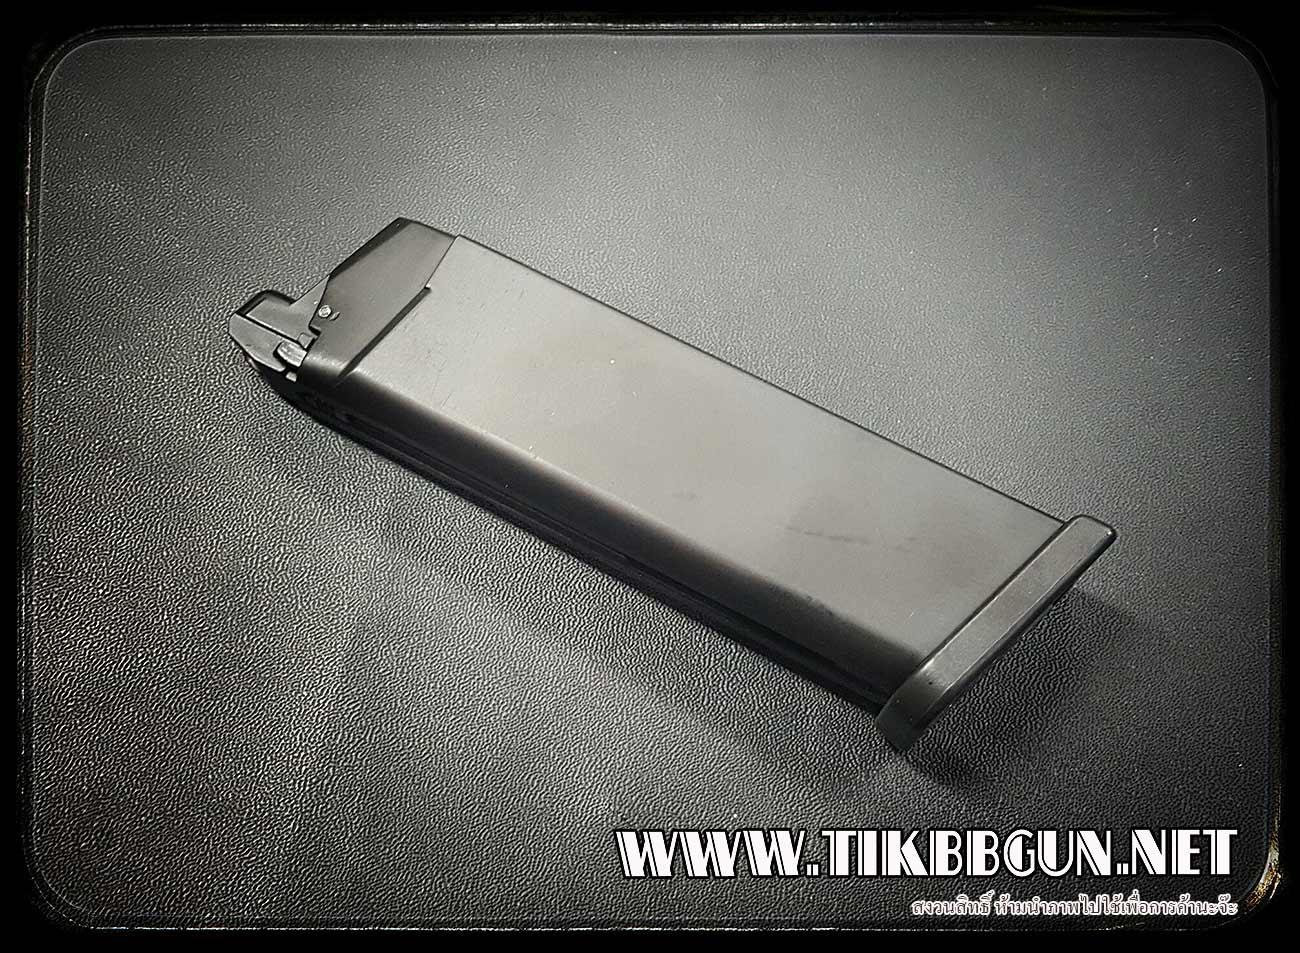 แม๊กสำหรับปืนแก๊สโบลว์แบล็ค Glock17 Black ARMY (GBB)